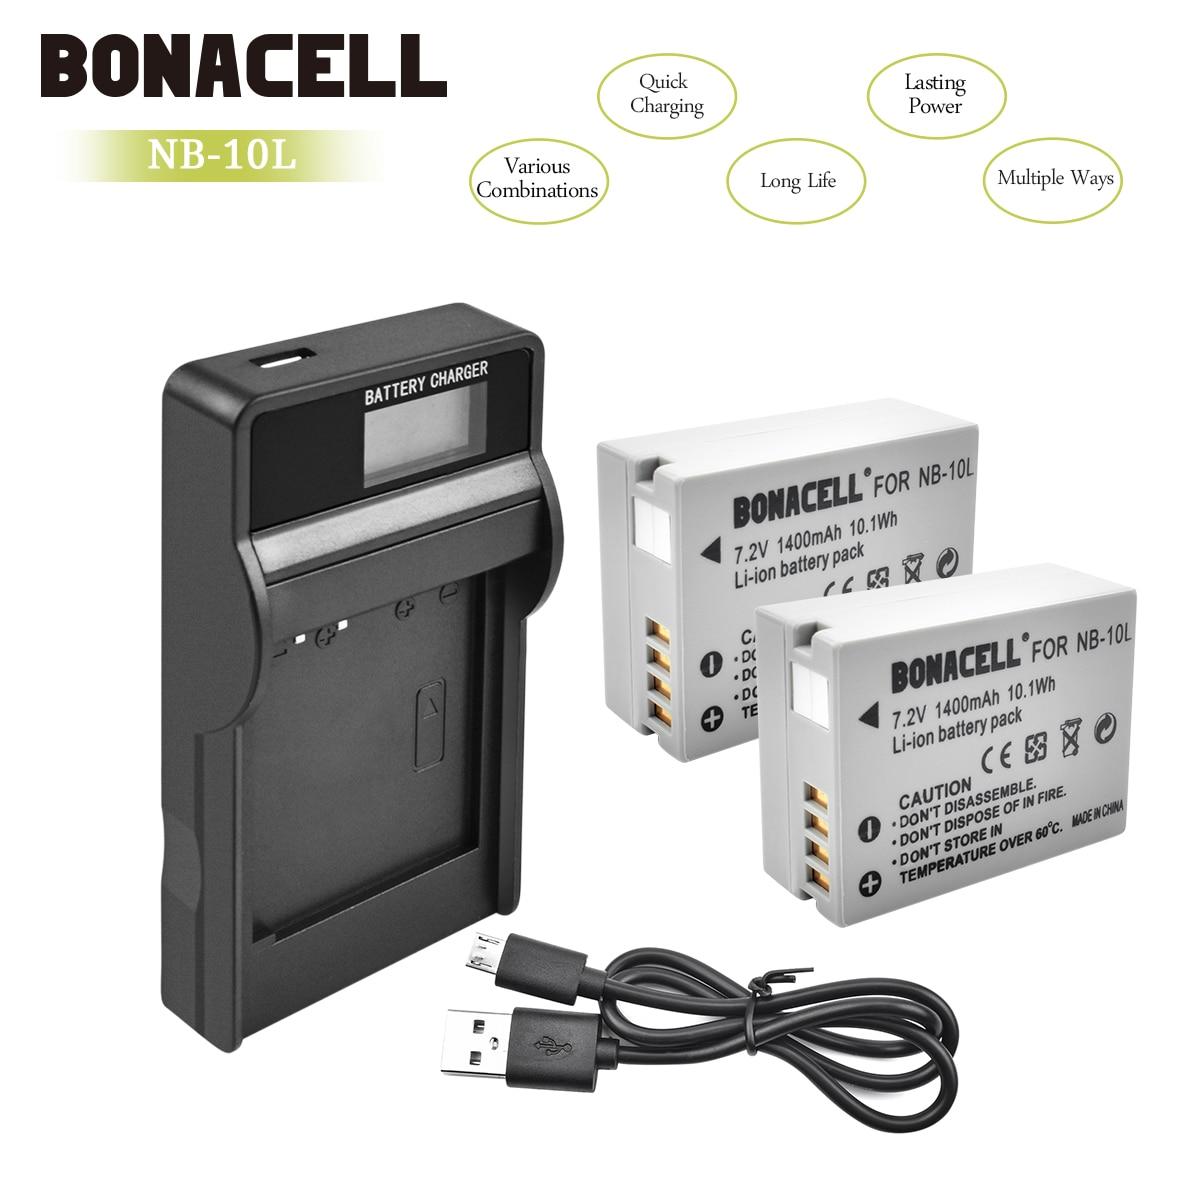 Bonacell 1400mAh NB-10L NB10L NB 10L Batteries+LCD Charger for Canon G1X G15 G16 SX40HS SX50HS SX60HS SX40 SX50 SX60 Bateria L10Bonacell 1400mAh NB-10L NB10L NB 10L Batteries+LCD Charger for Canon G1X G15 G16 SX40HS SX50HS SX60HS SX40 SX50 SX60 Bateria L10